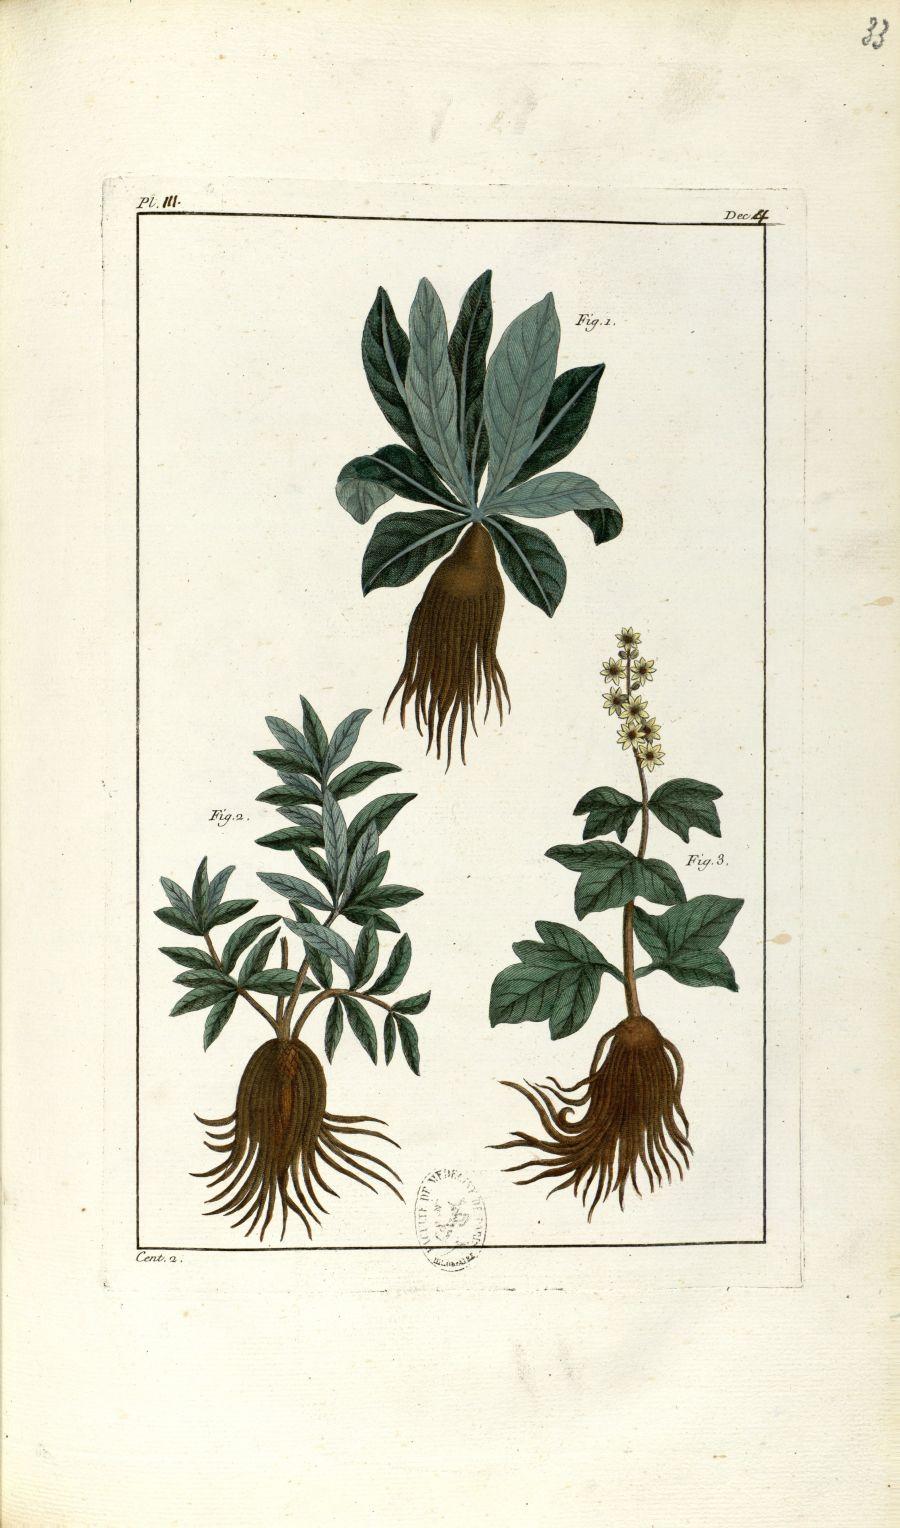 Planche III. Dec. 4. Cent. 2 - Herbier ou collection des plantes médicinales de la Chine d'après un  [...] - Botanique. Plantes (médecine). Chine. 18e siècle - med01989x0036